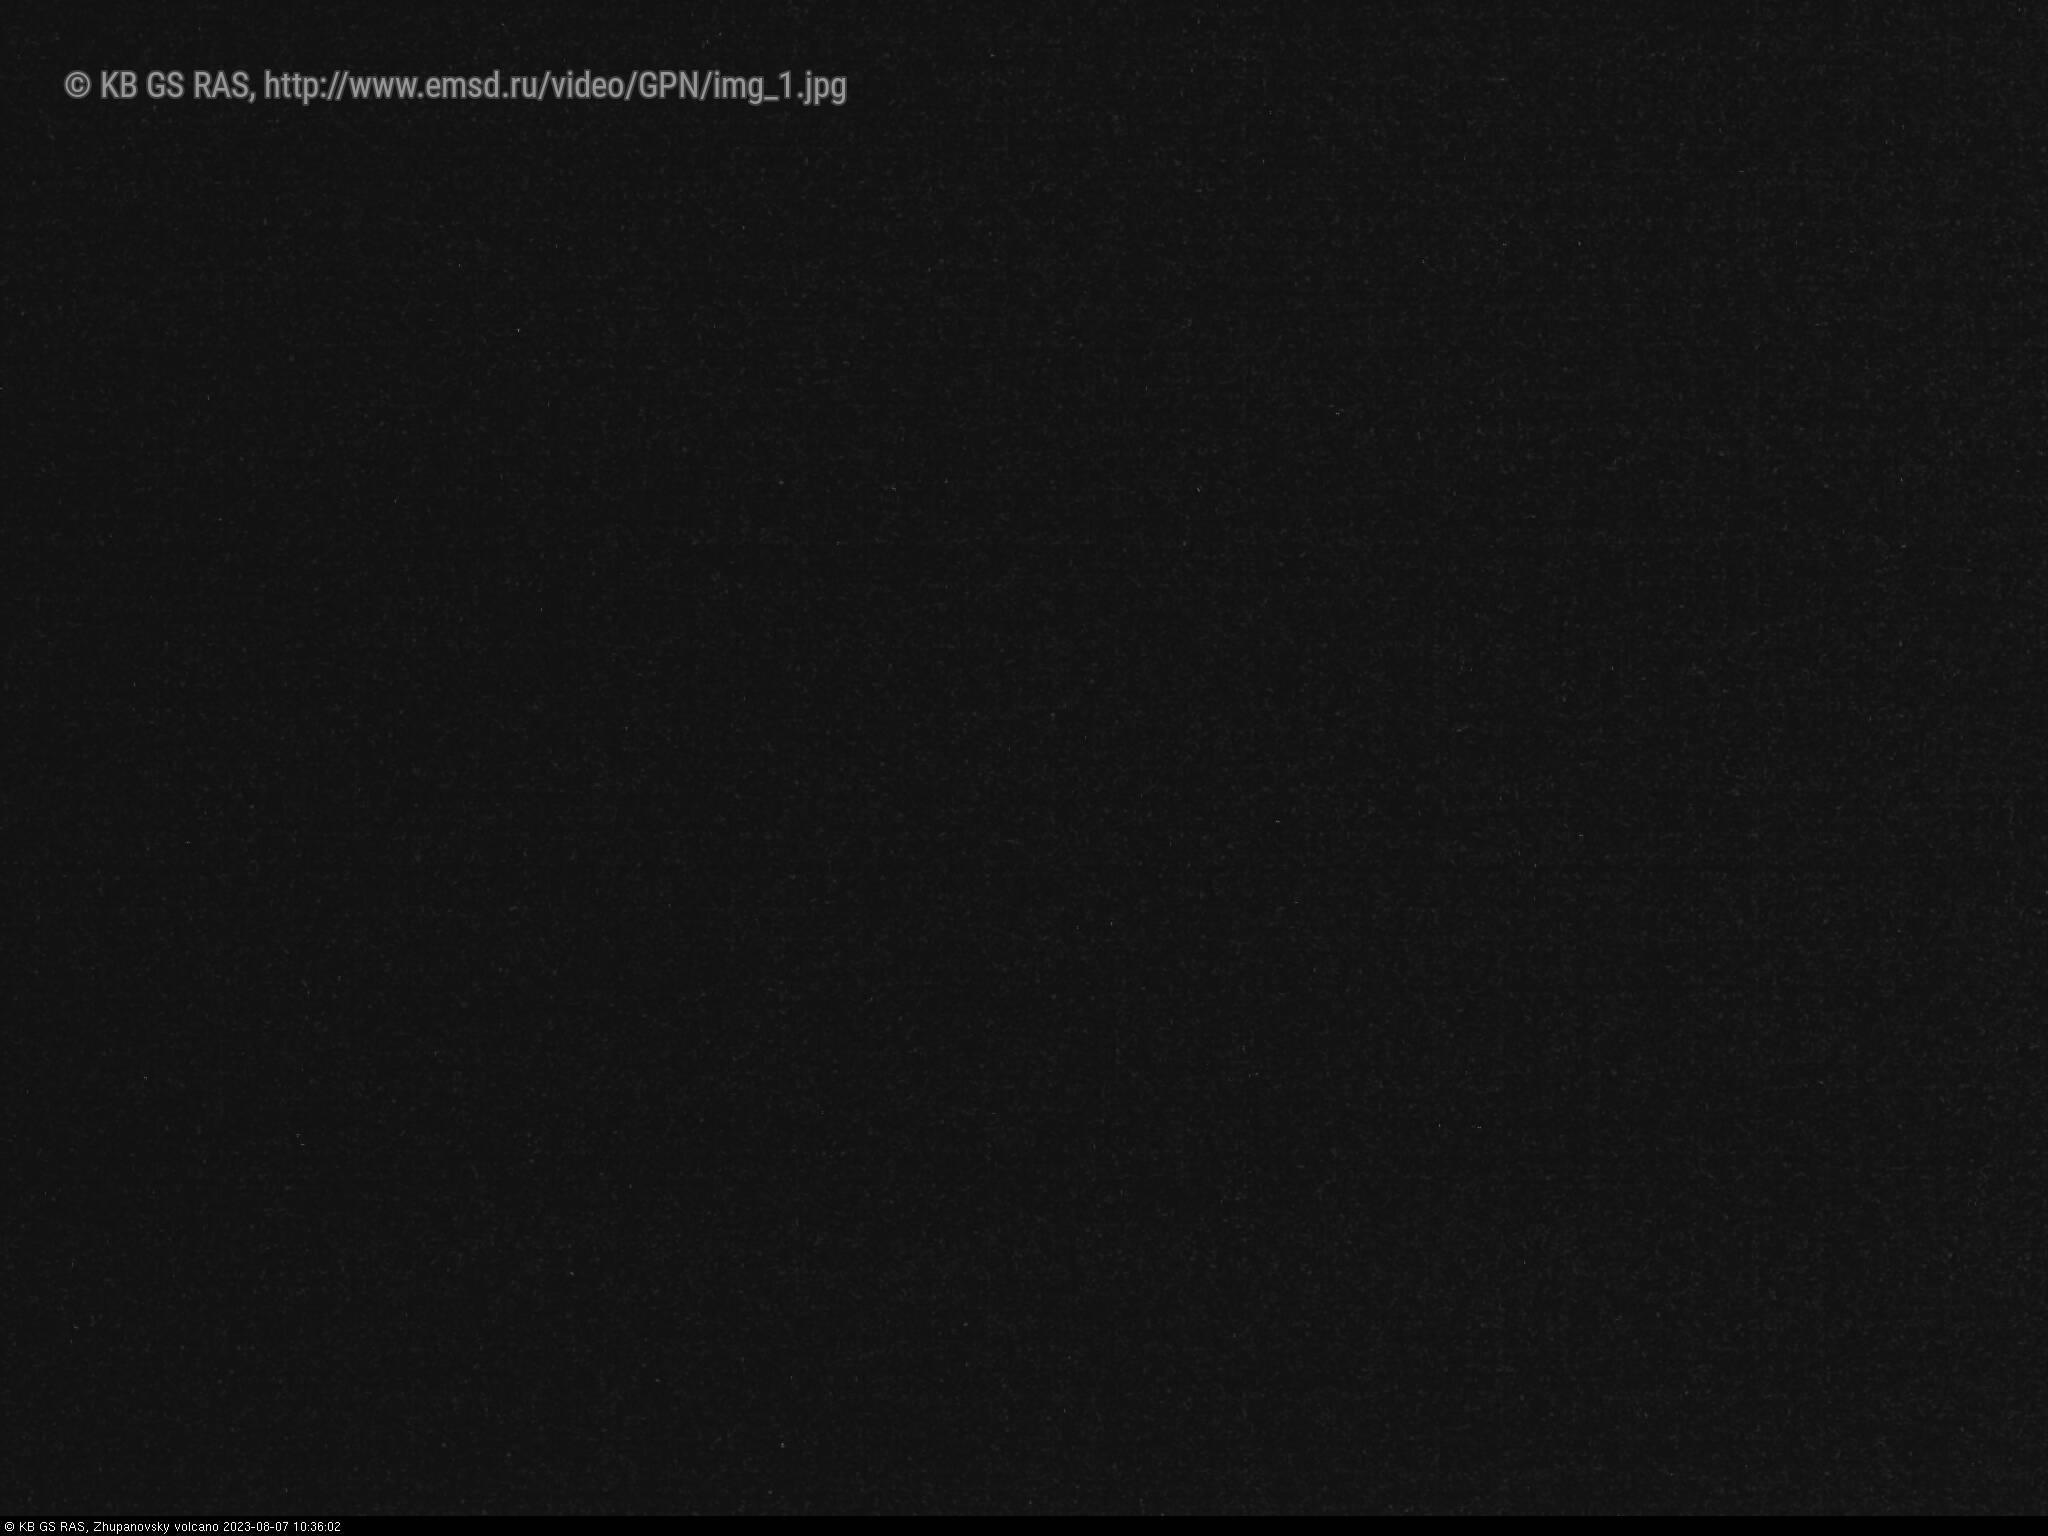 Веб камера показывает вулкан Жупановский на Камчатке в реальном времени